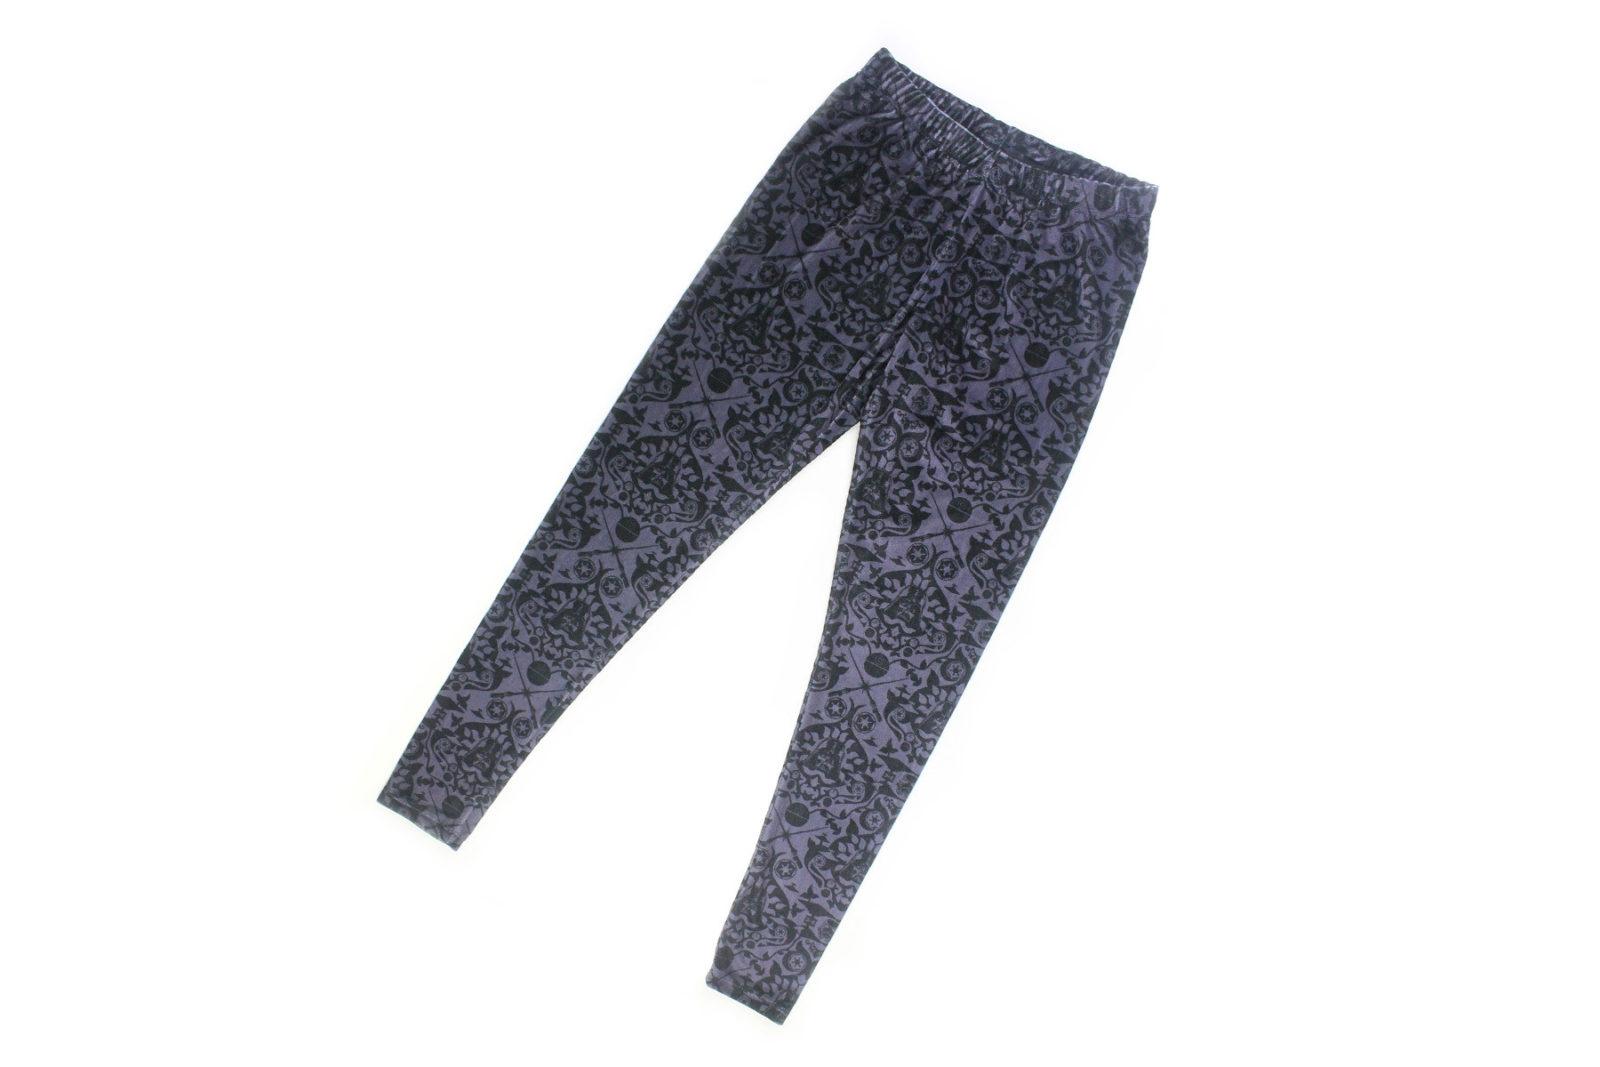 Review – Tapestry leggings